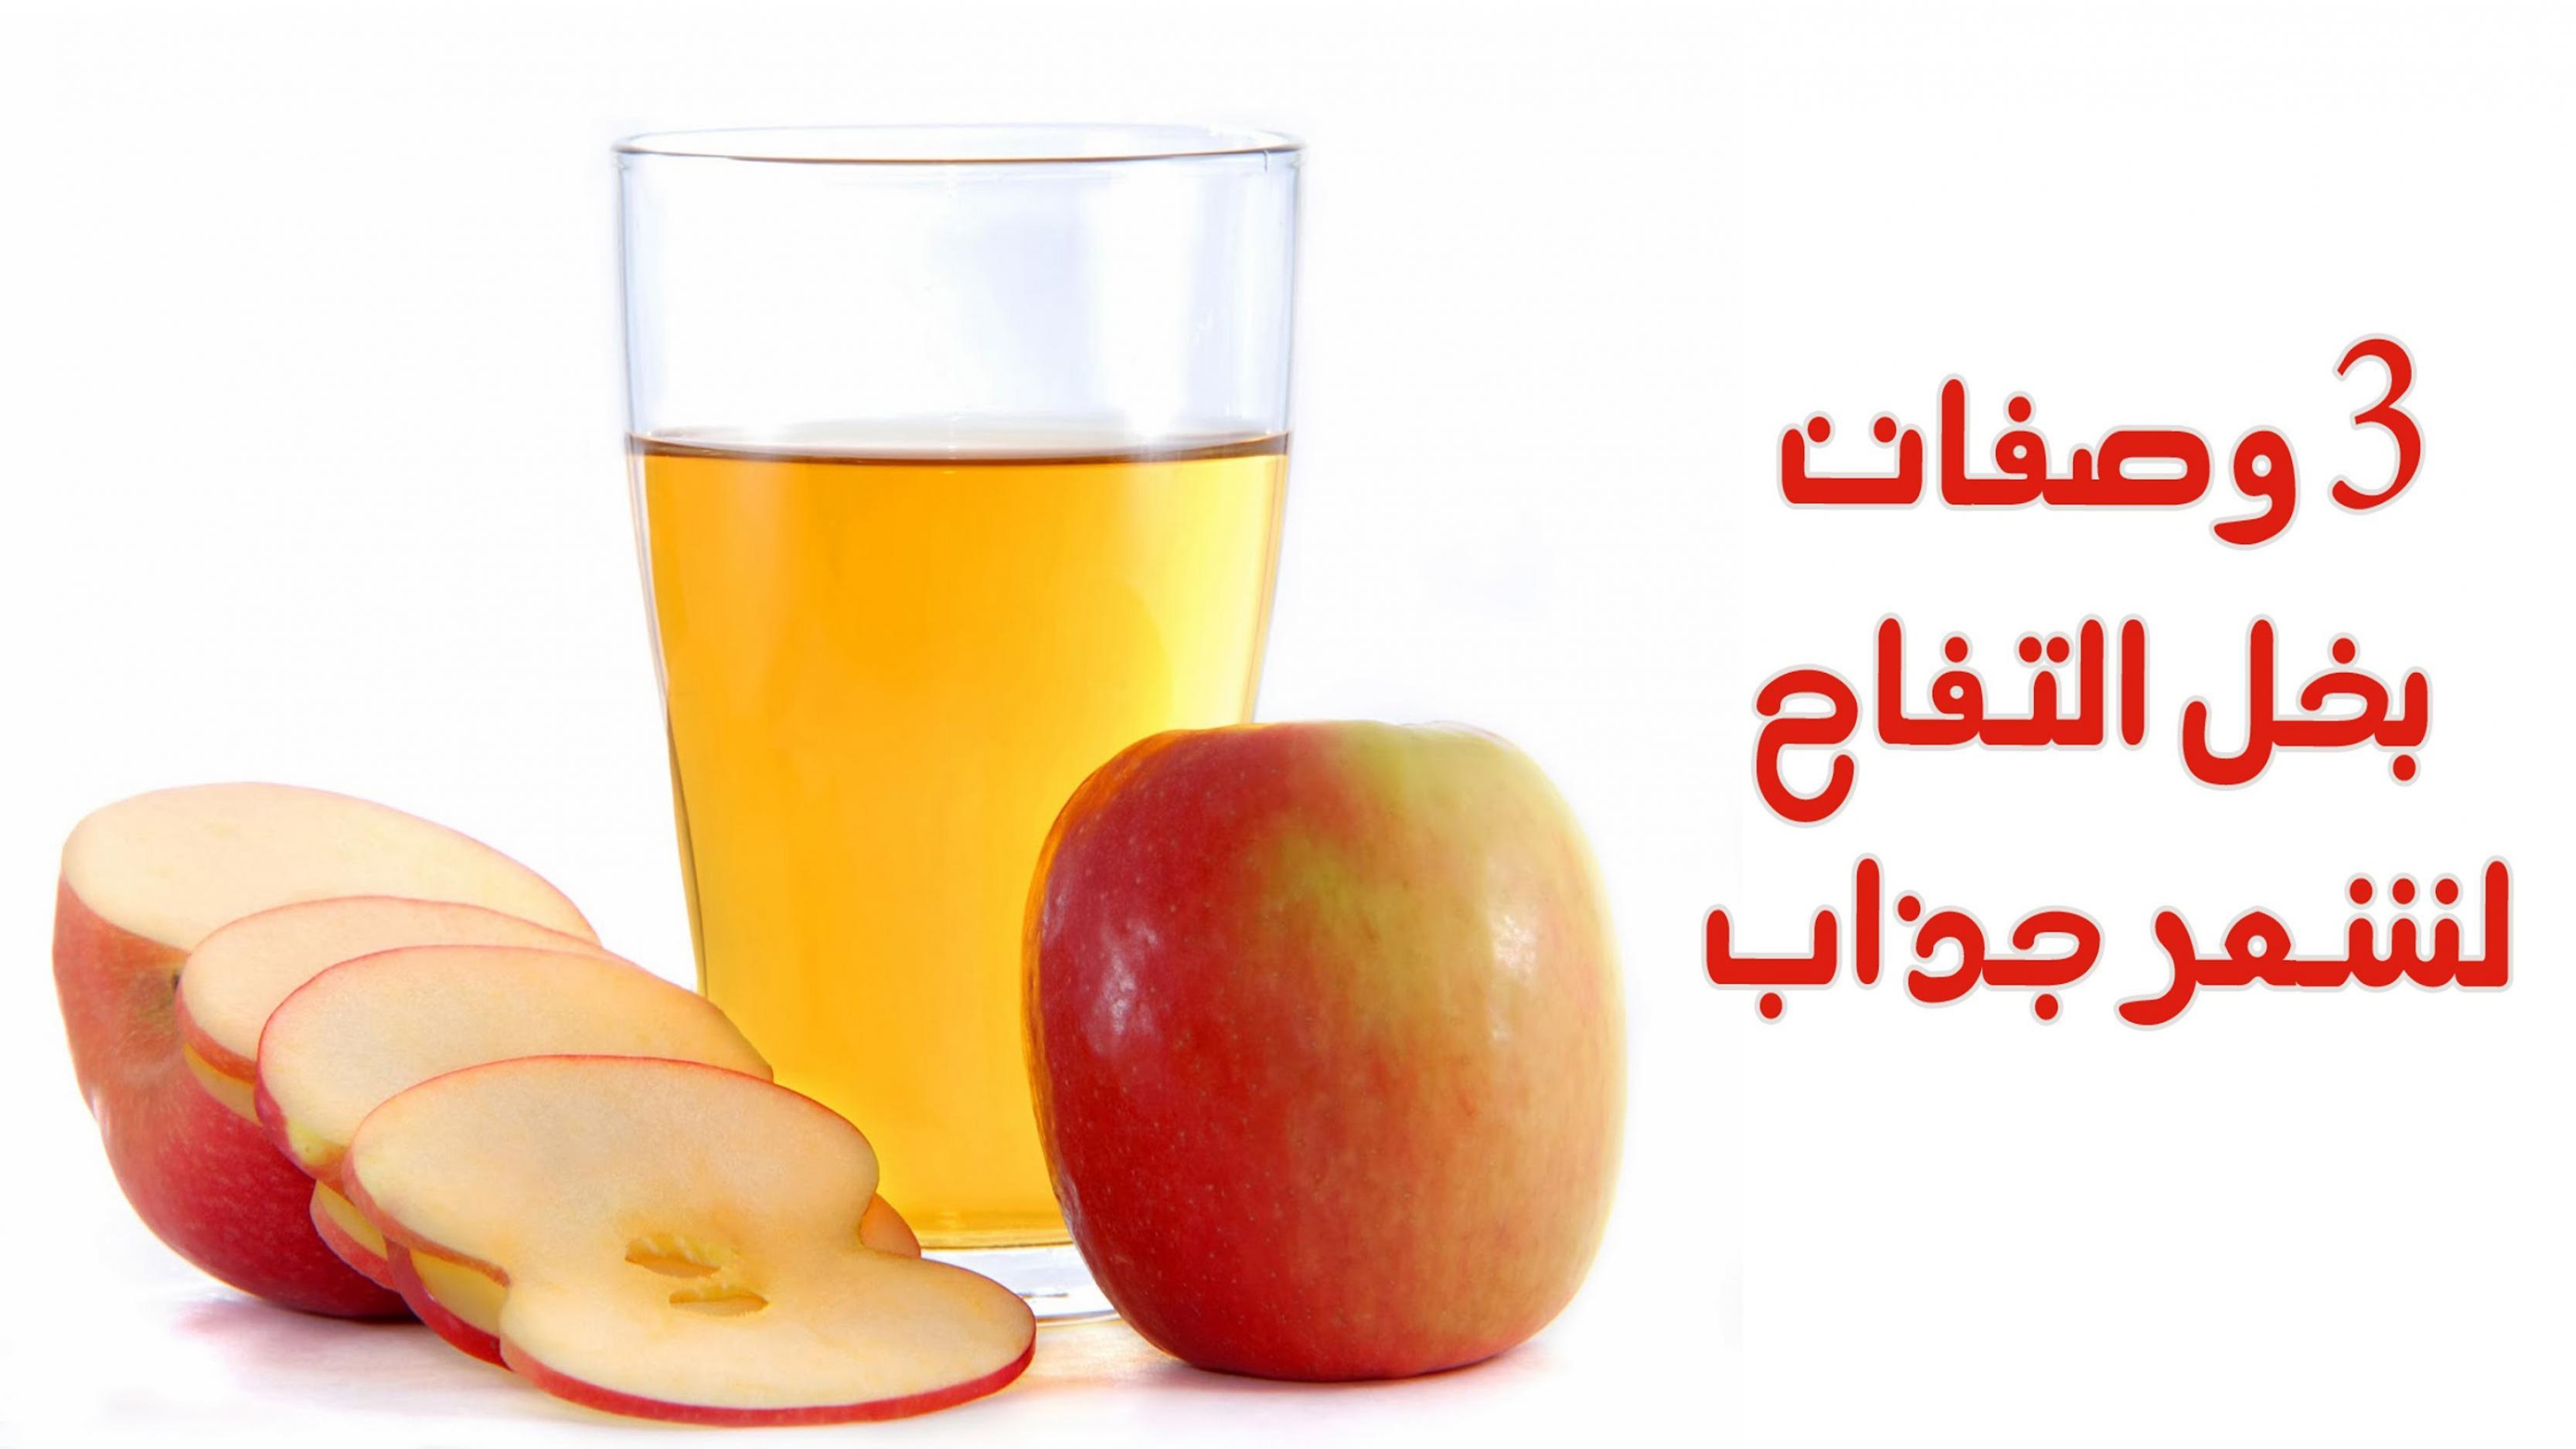 بالصور فوائد خل التفاح للشعر 20160711 469